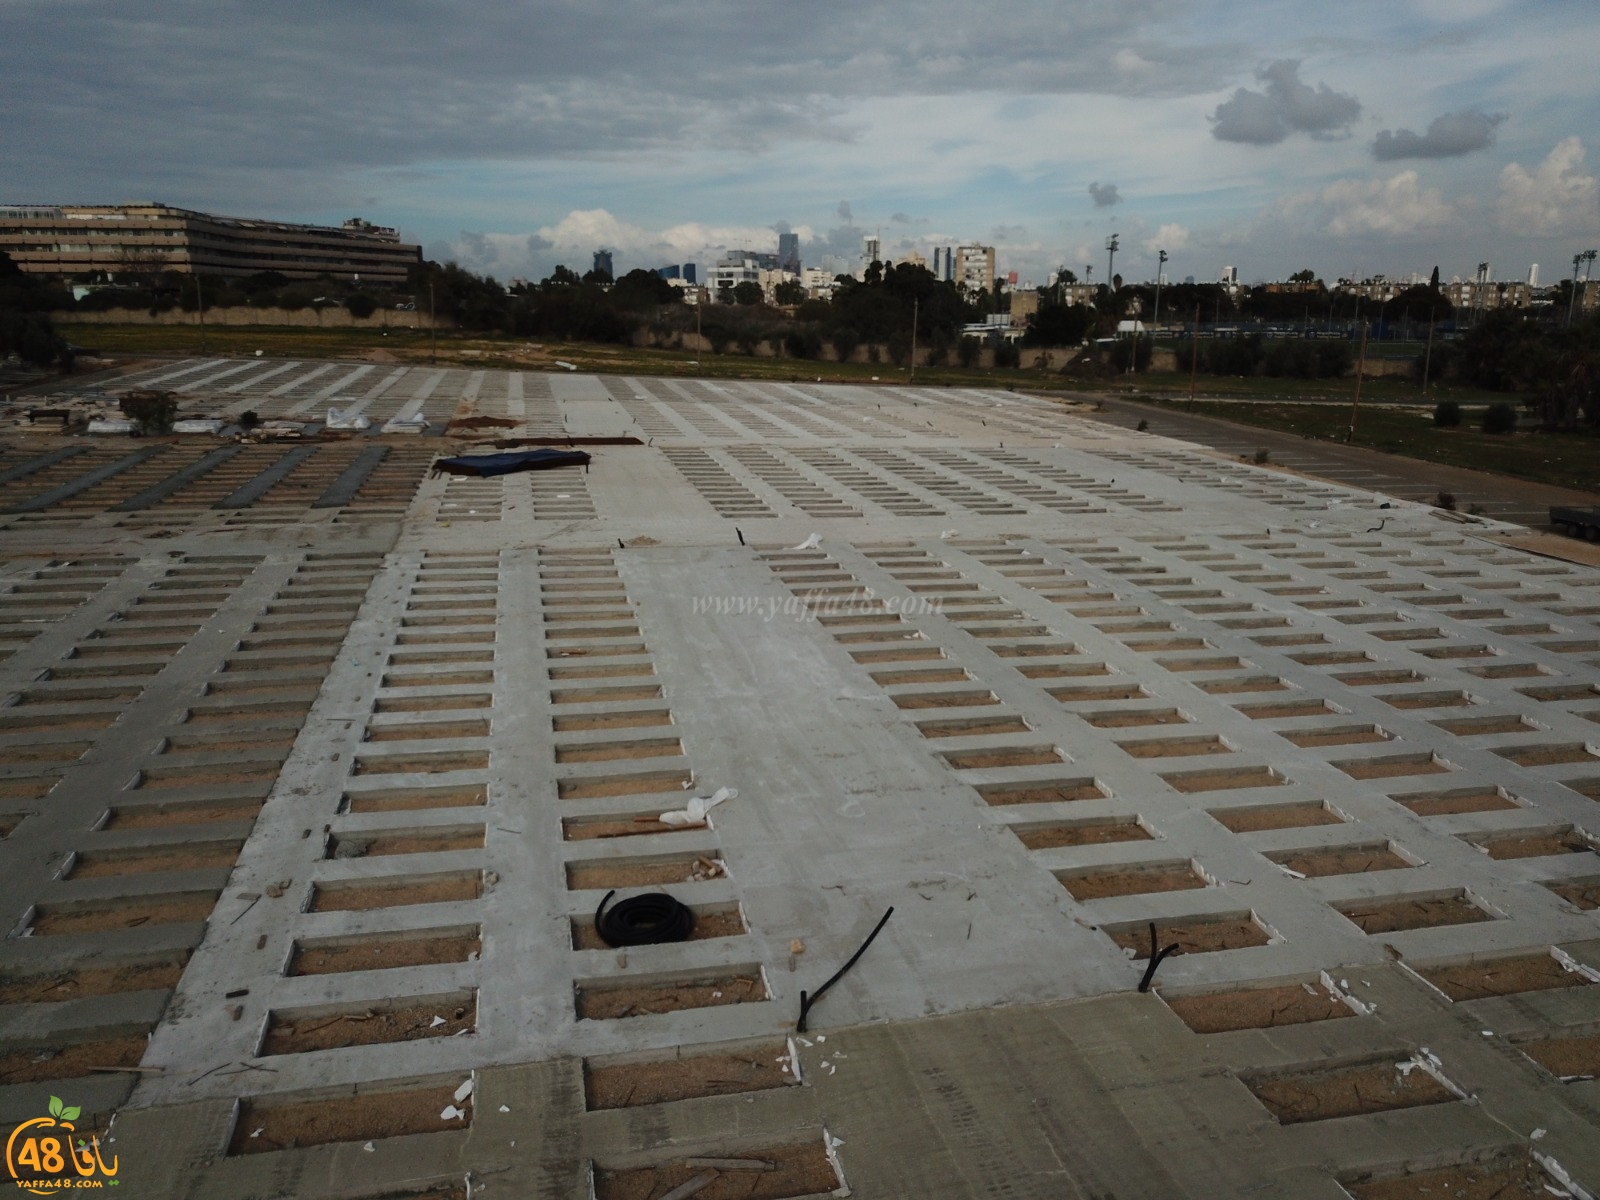 فيديو: الهيئة الإسلاميّة تعلن الانتهاء من إنشاء أضخم مسطح لدفن الموتى بمقبرة طاسو بيافا